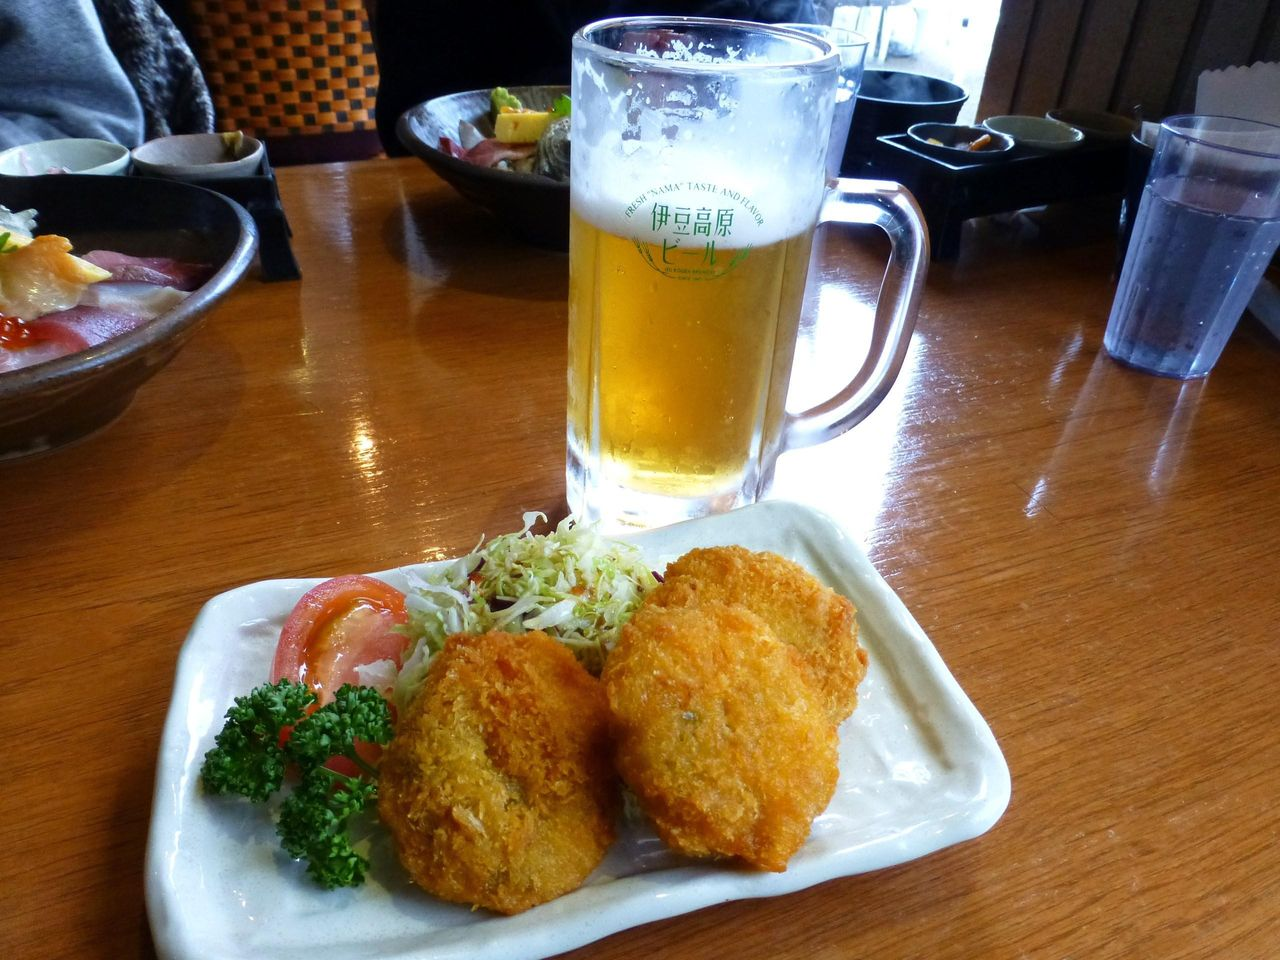 地ビール(大室)626円、なめろうフライ380円